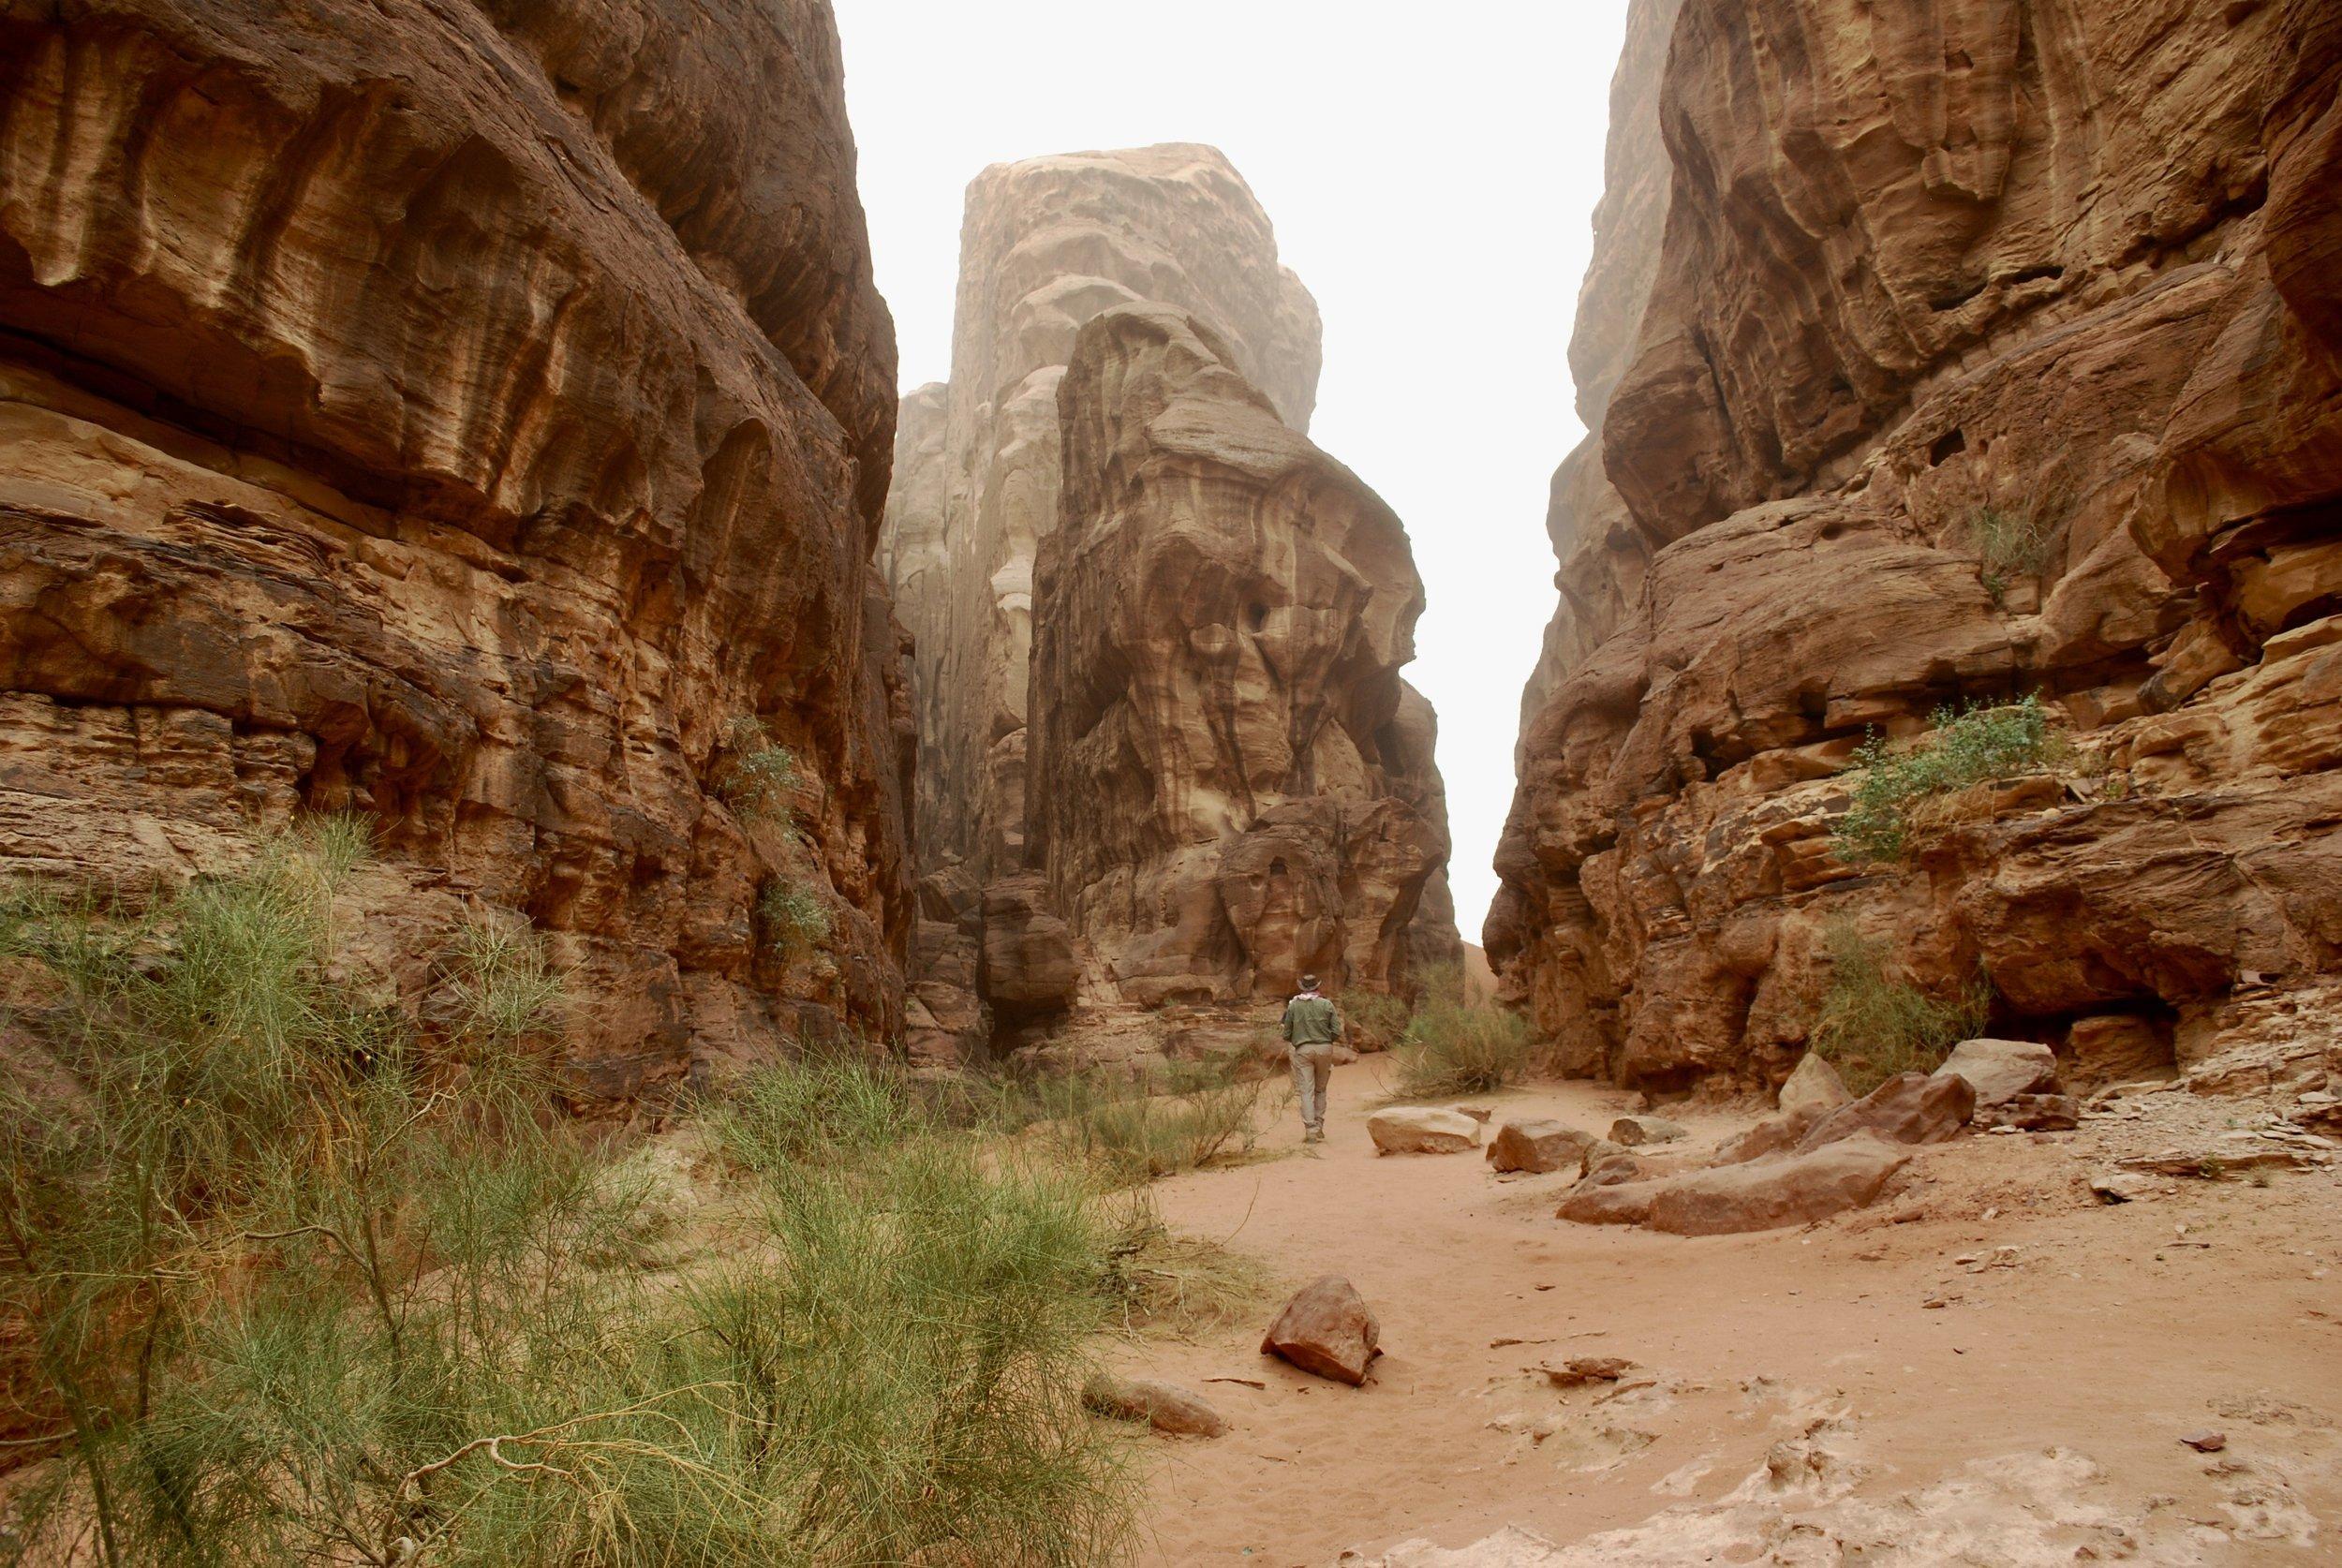 Inside Abu Khashaba Canyon